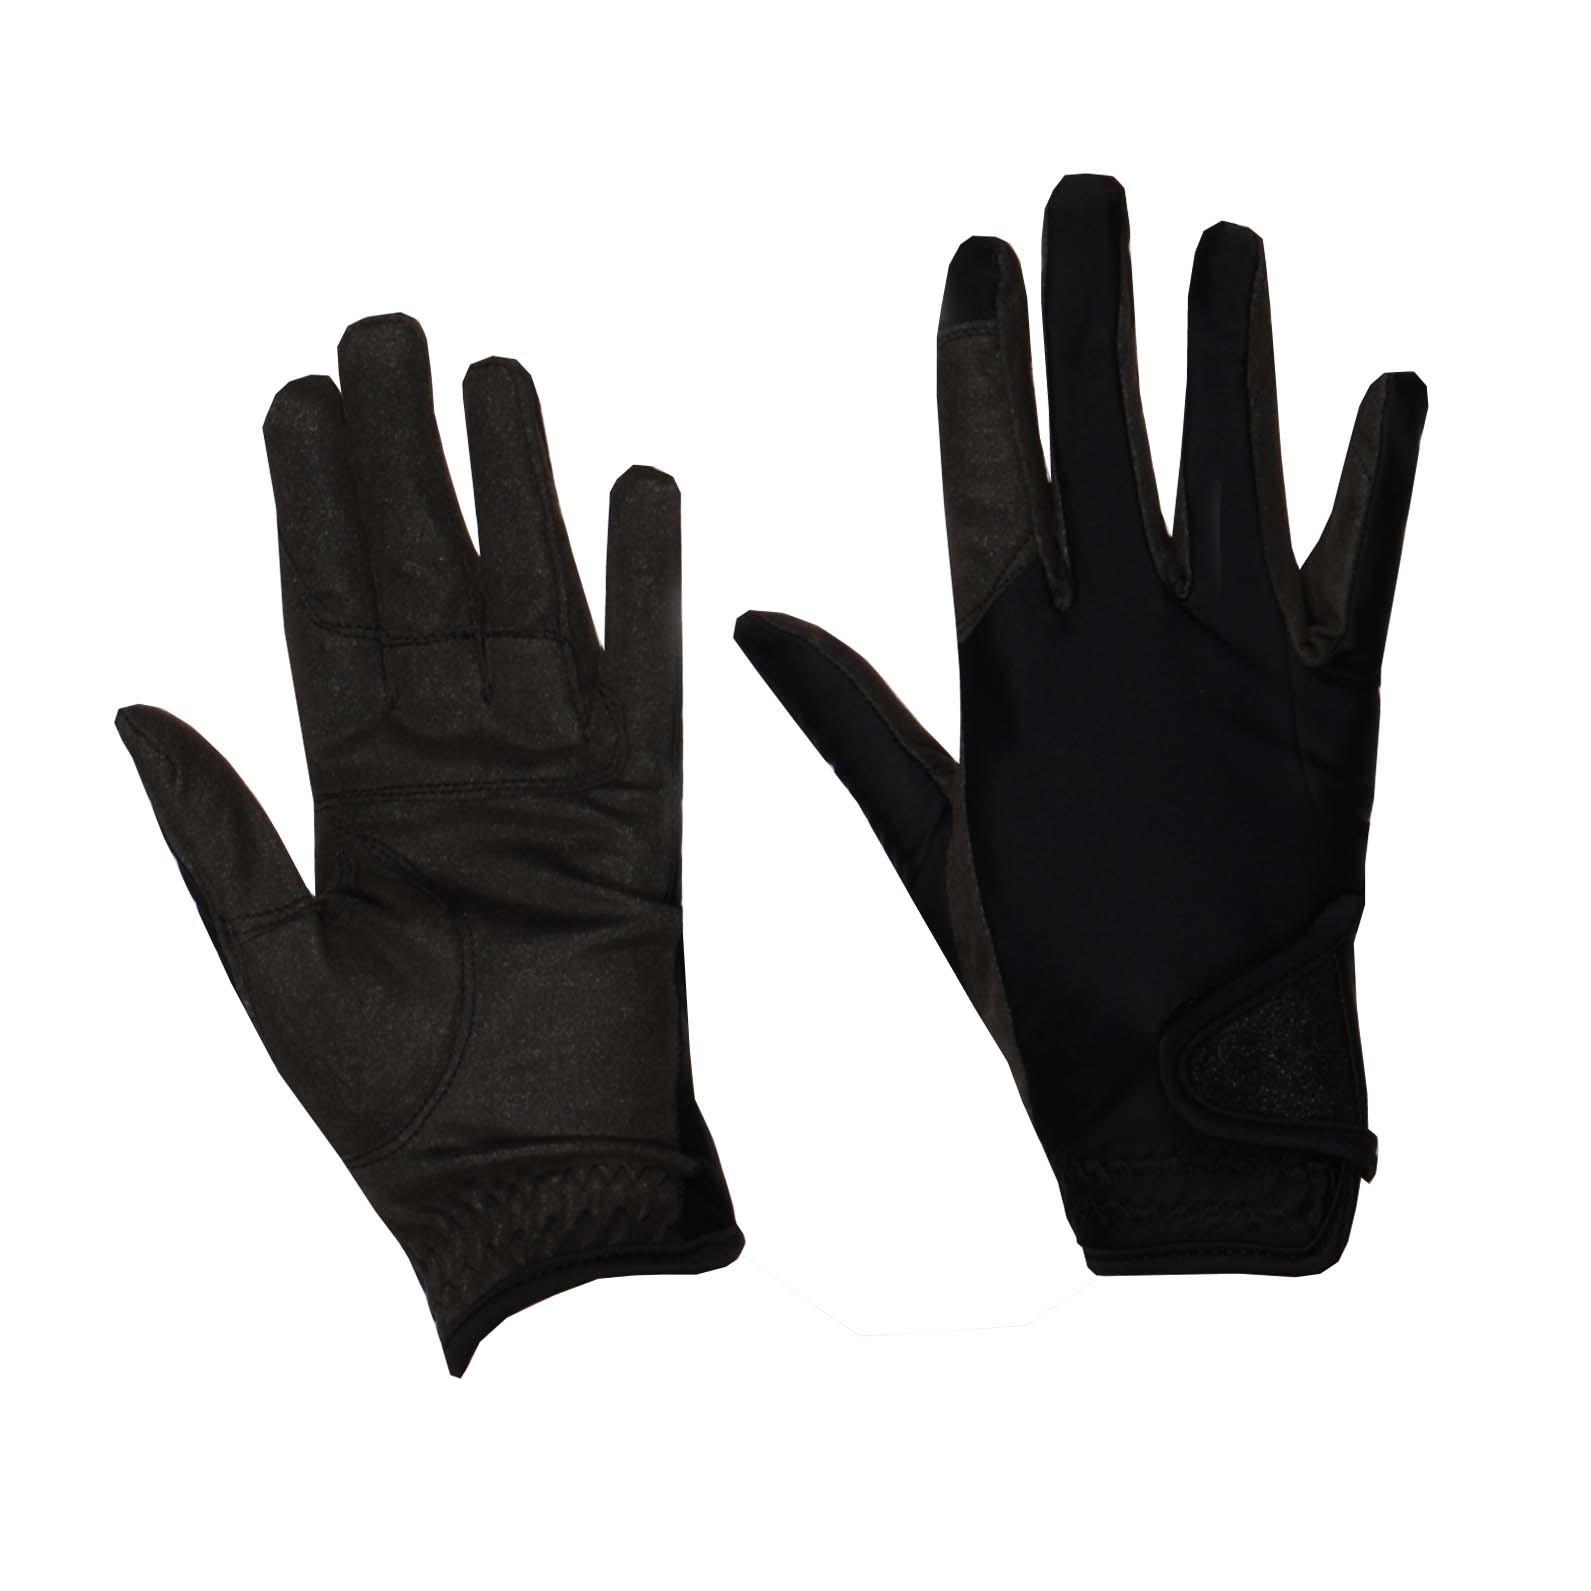 Mondoni Medellin handschoenen zwart maat:s